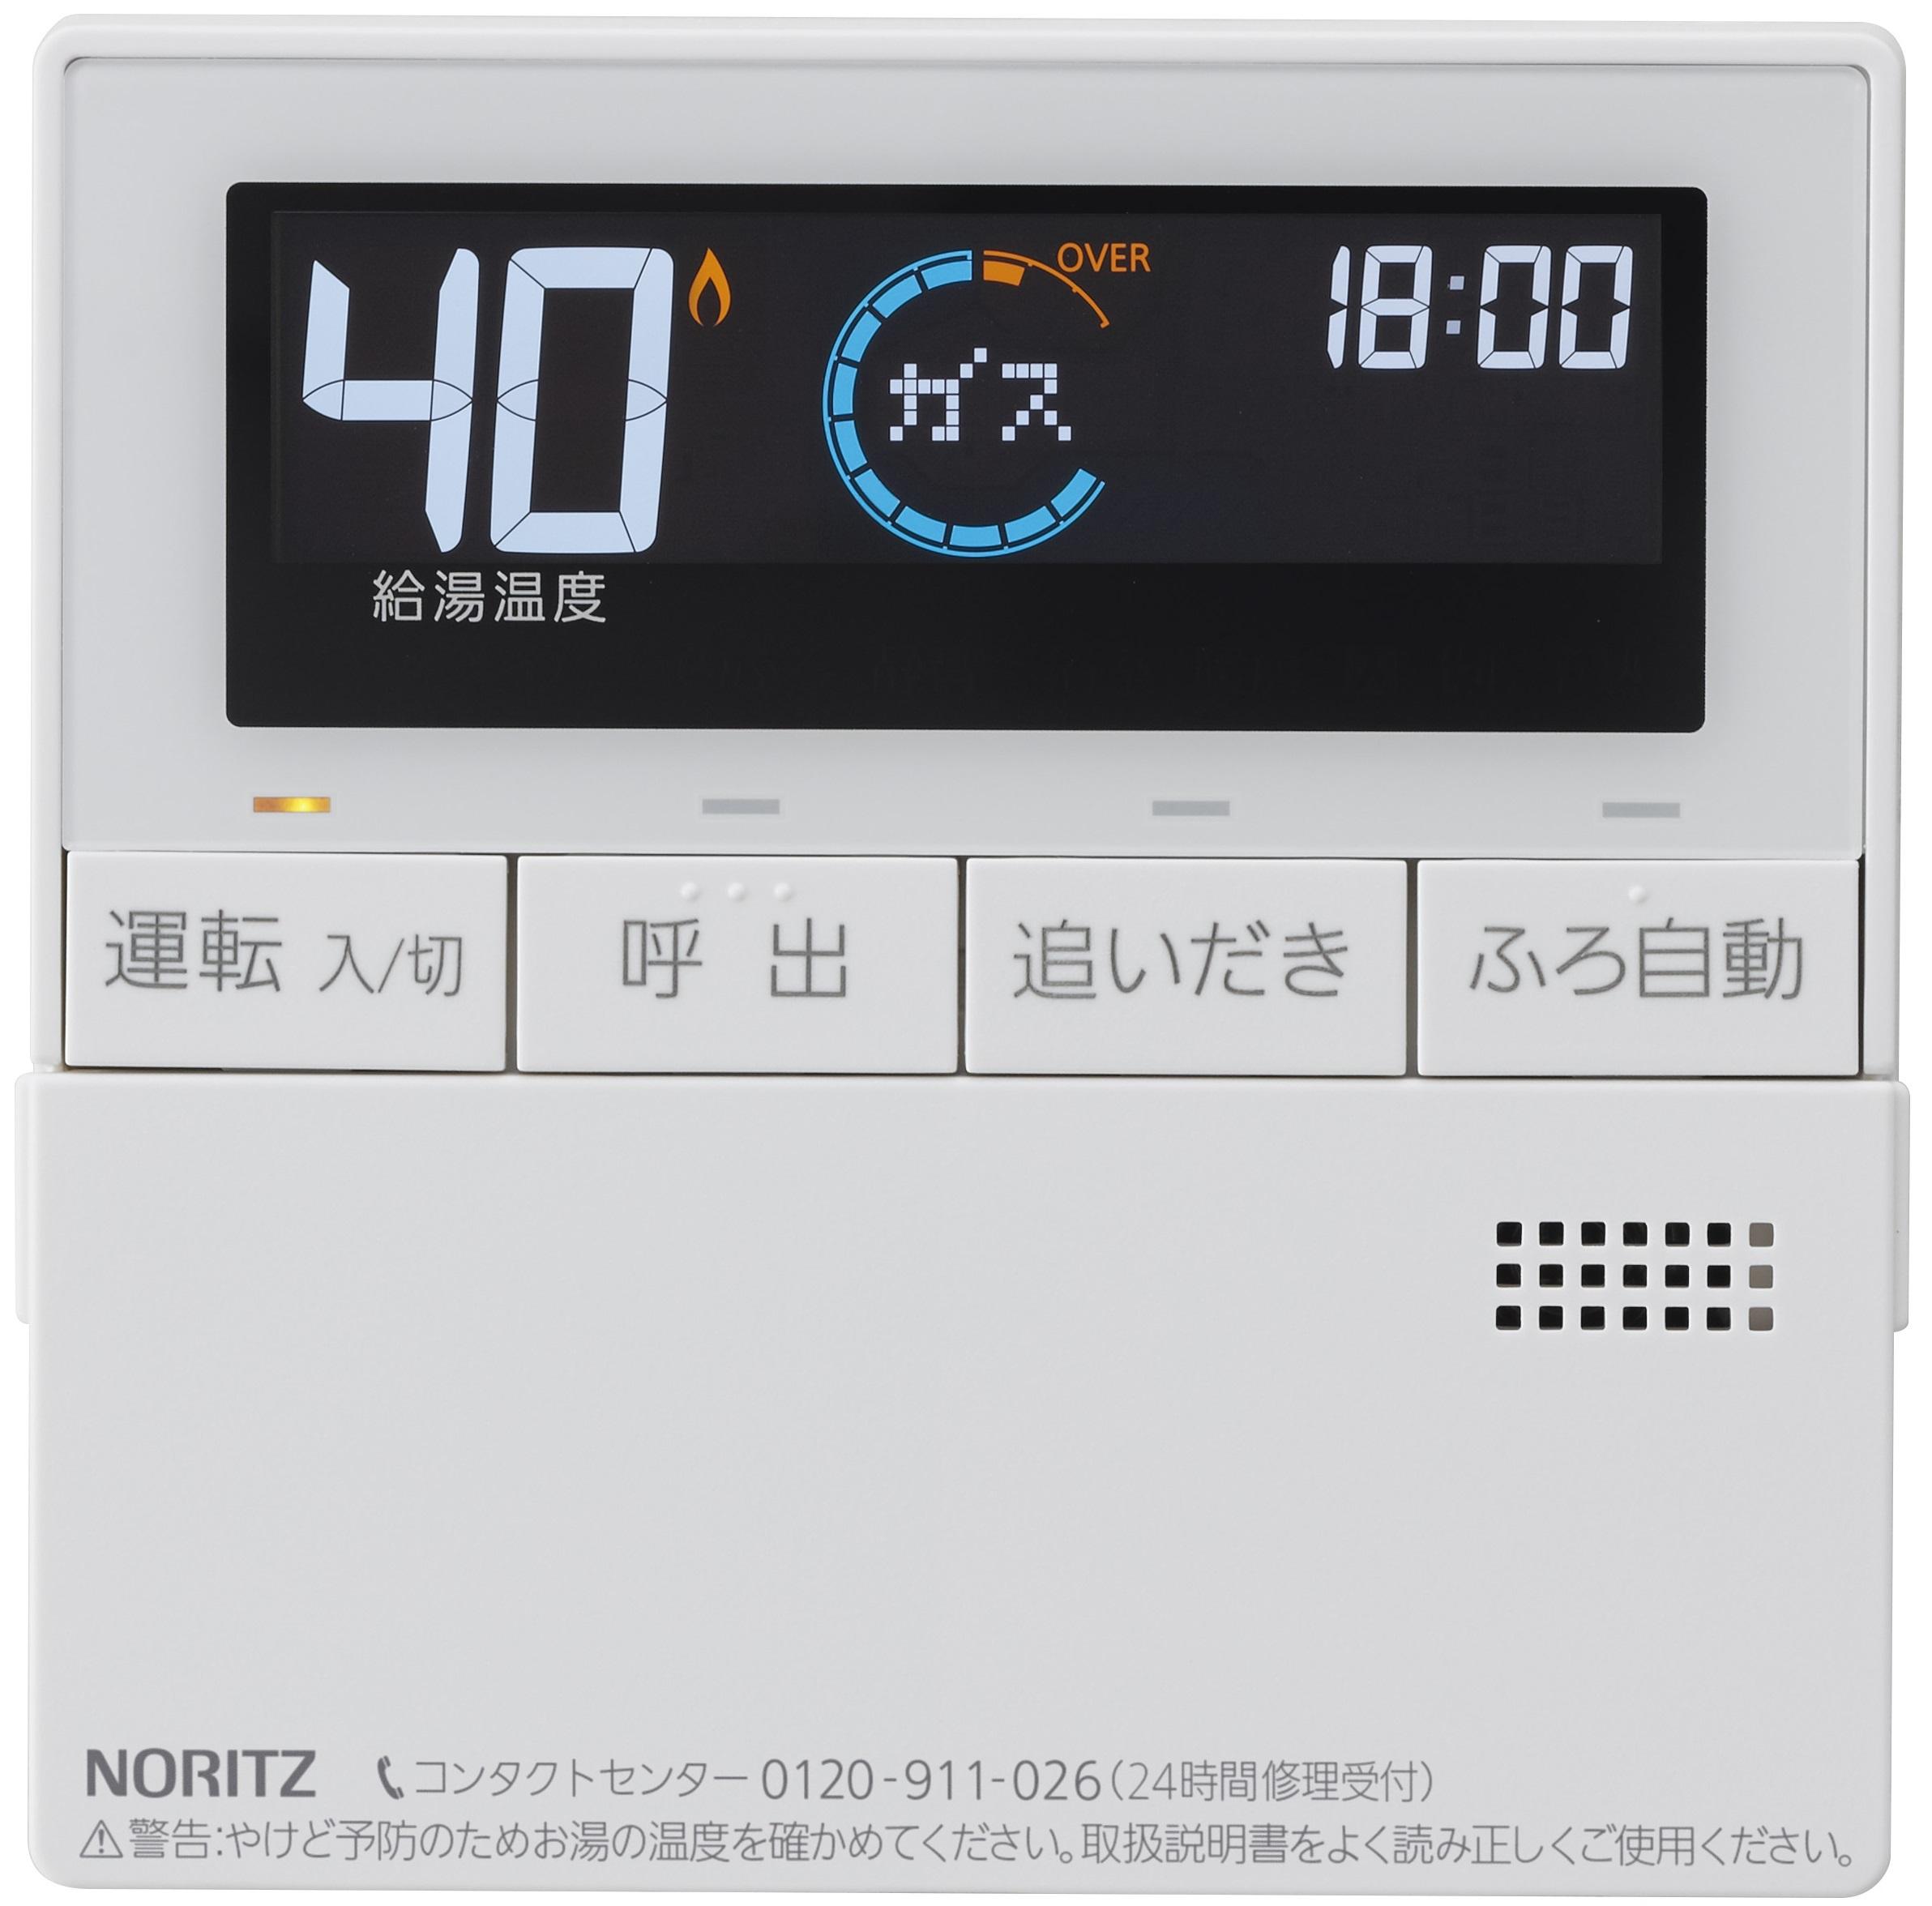 05.ノーリツ RC-J101マルチセット 新製品